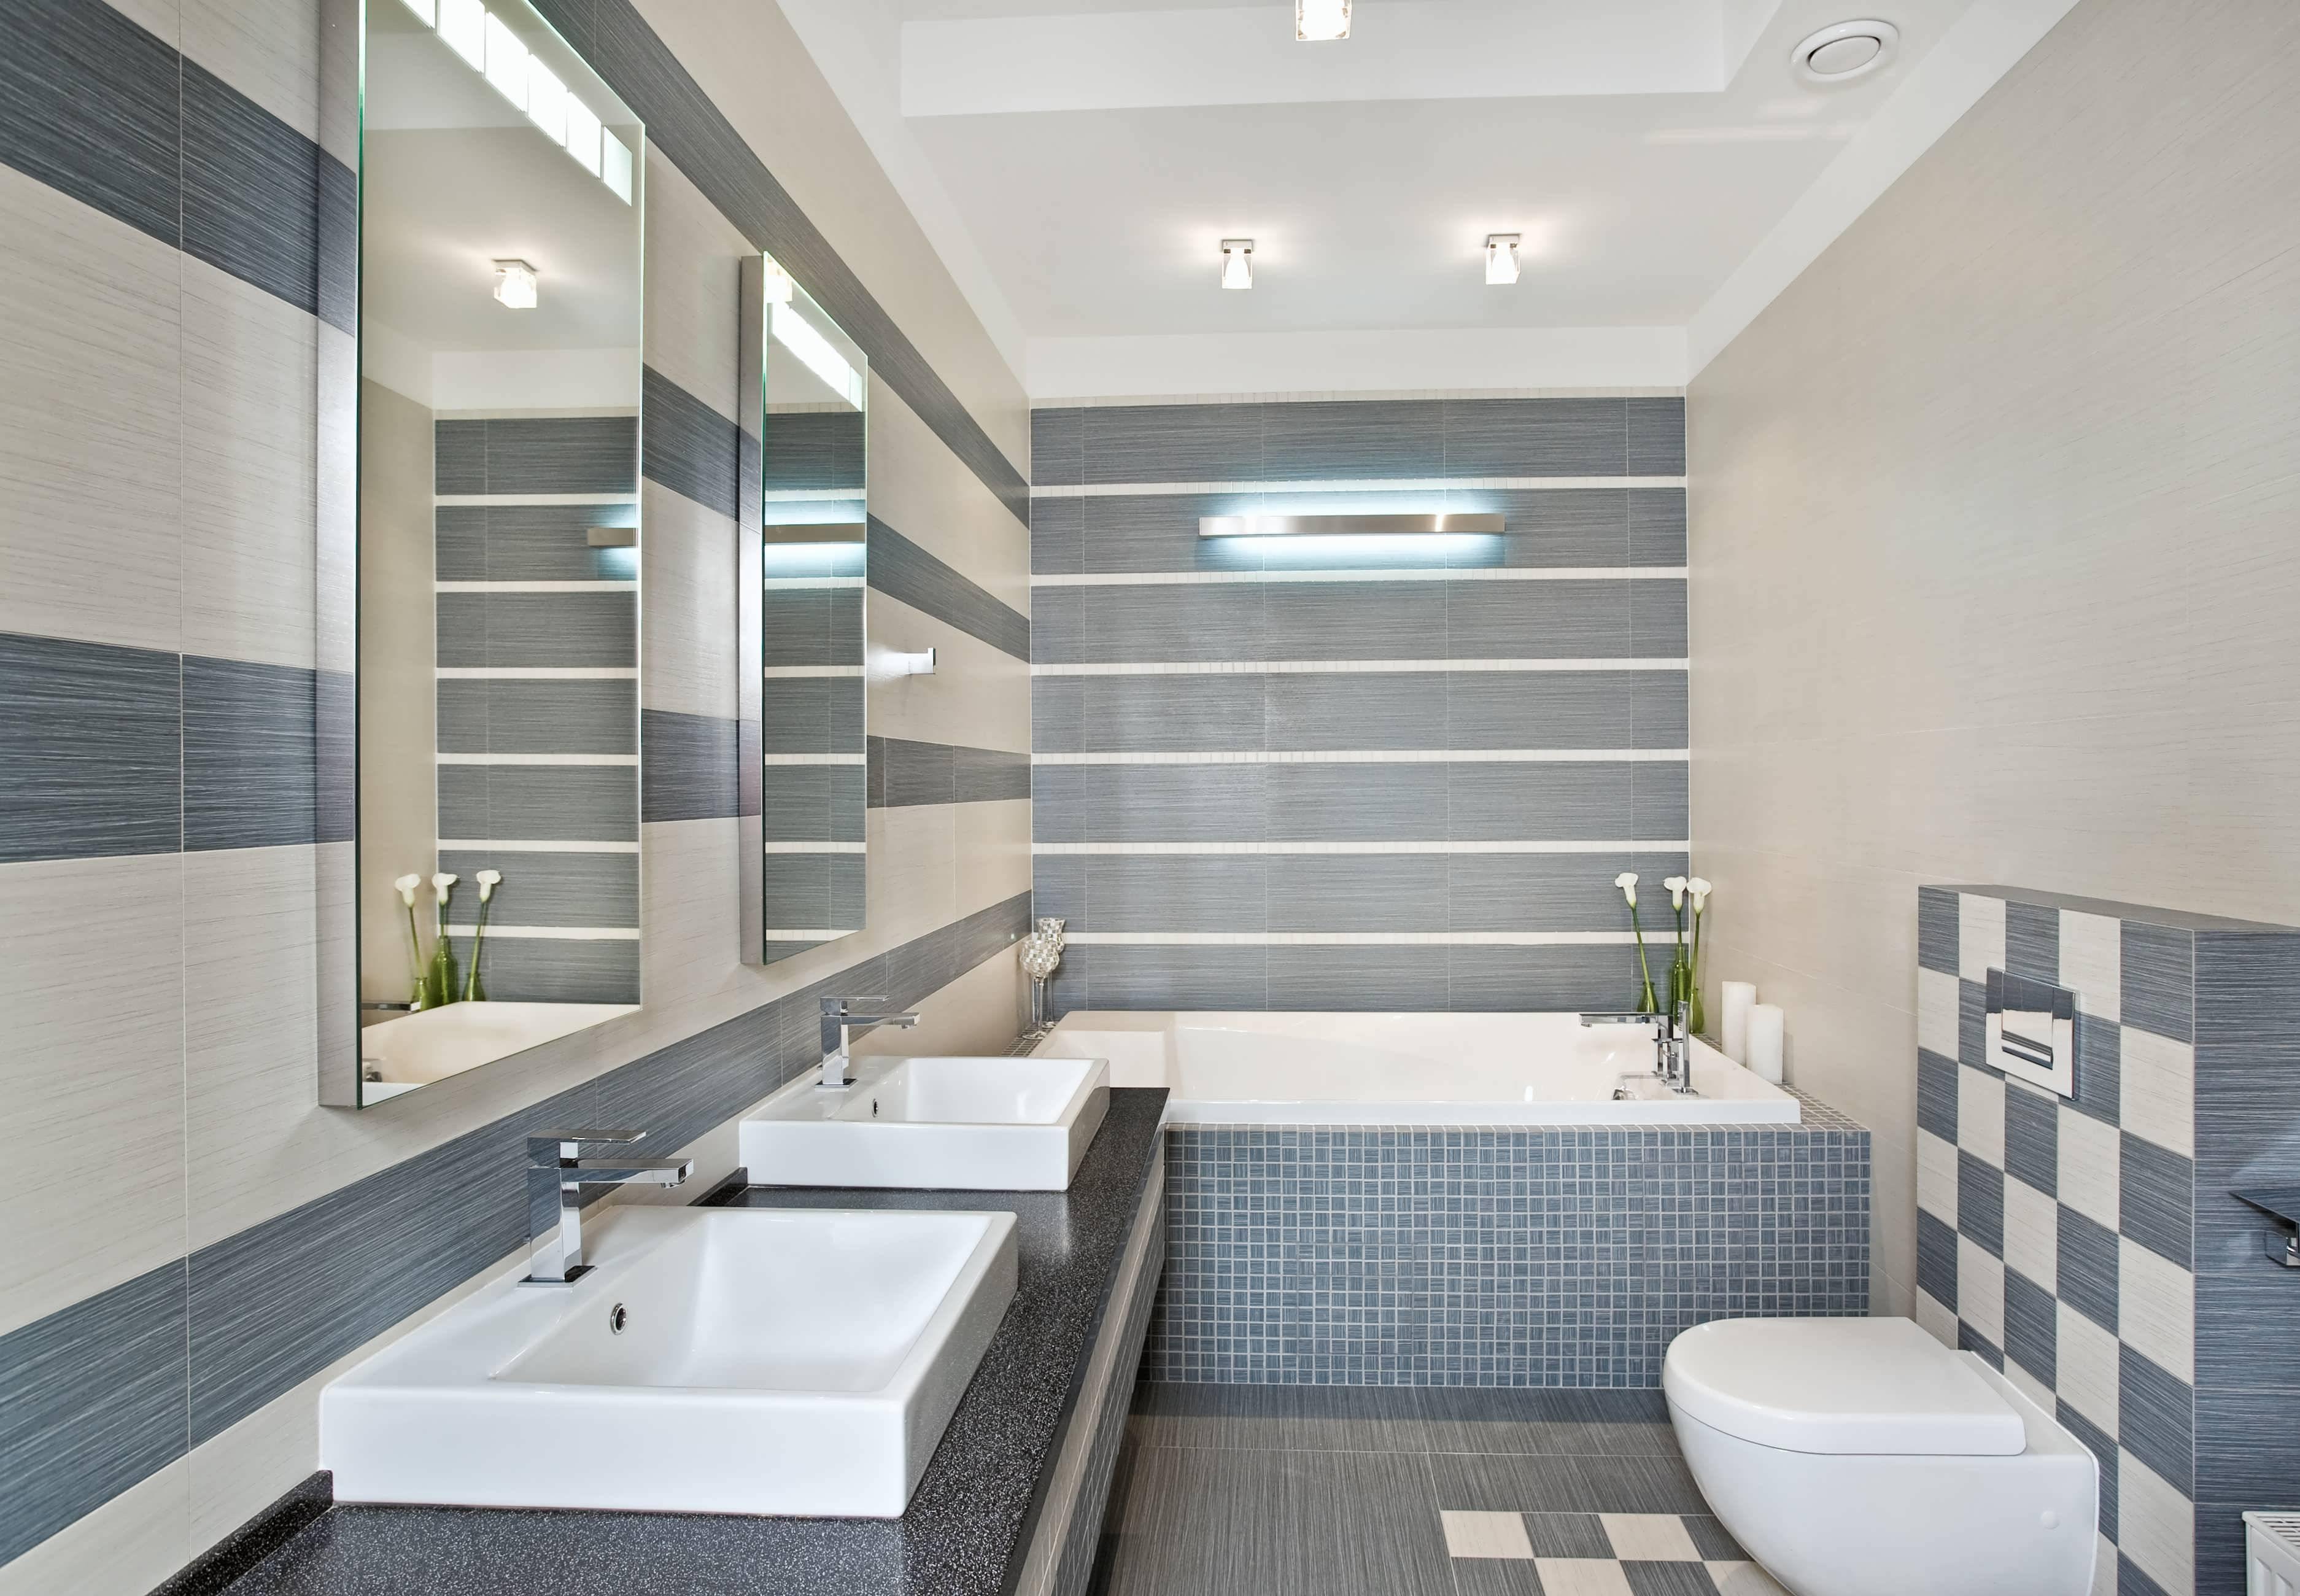 Bathroom : Bathroom Mirror Borders Modern Vanity Mirrors For inside Unusual Mirrors For Bathrooms (Image 2 of 25)